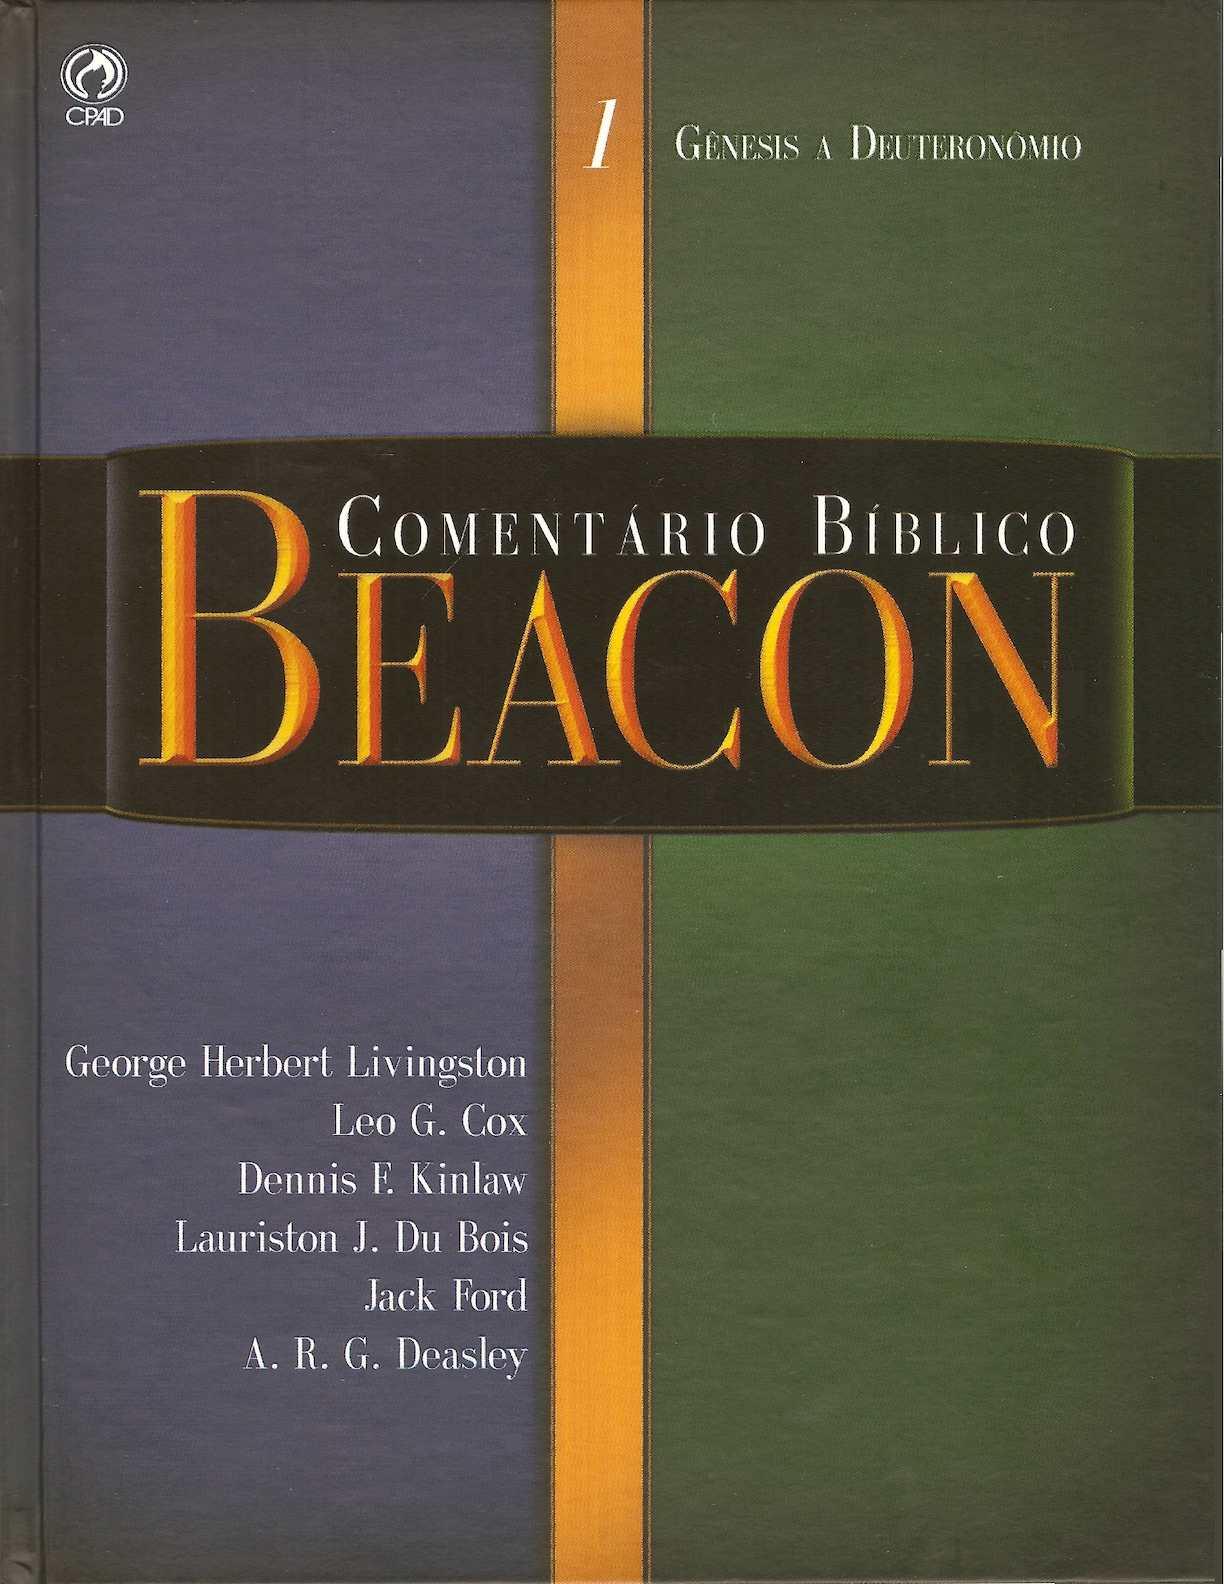 Comentário Beacon Vol 1 - Pentateuco